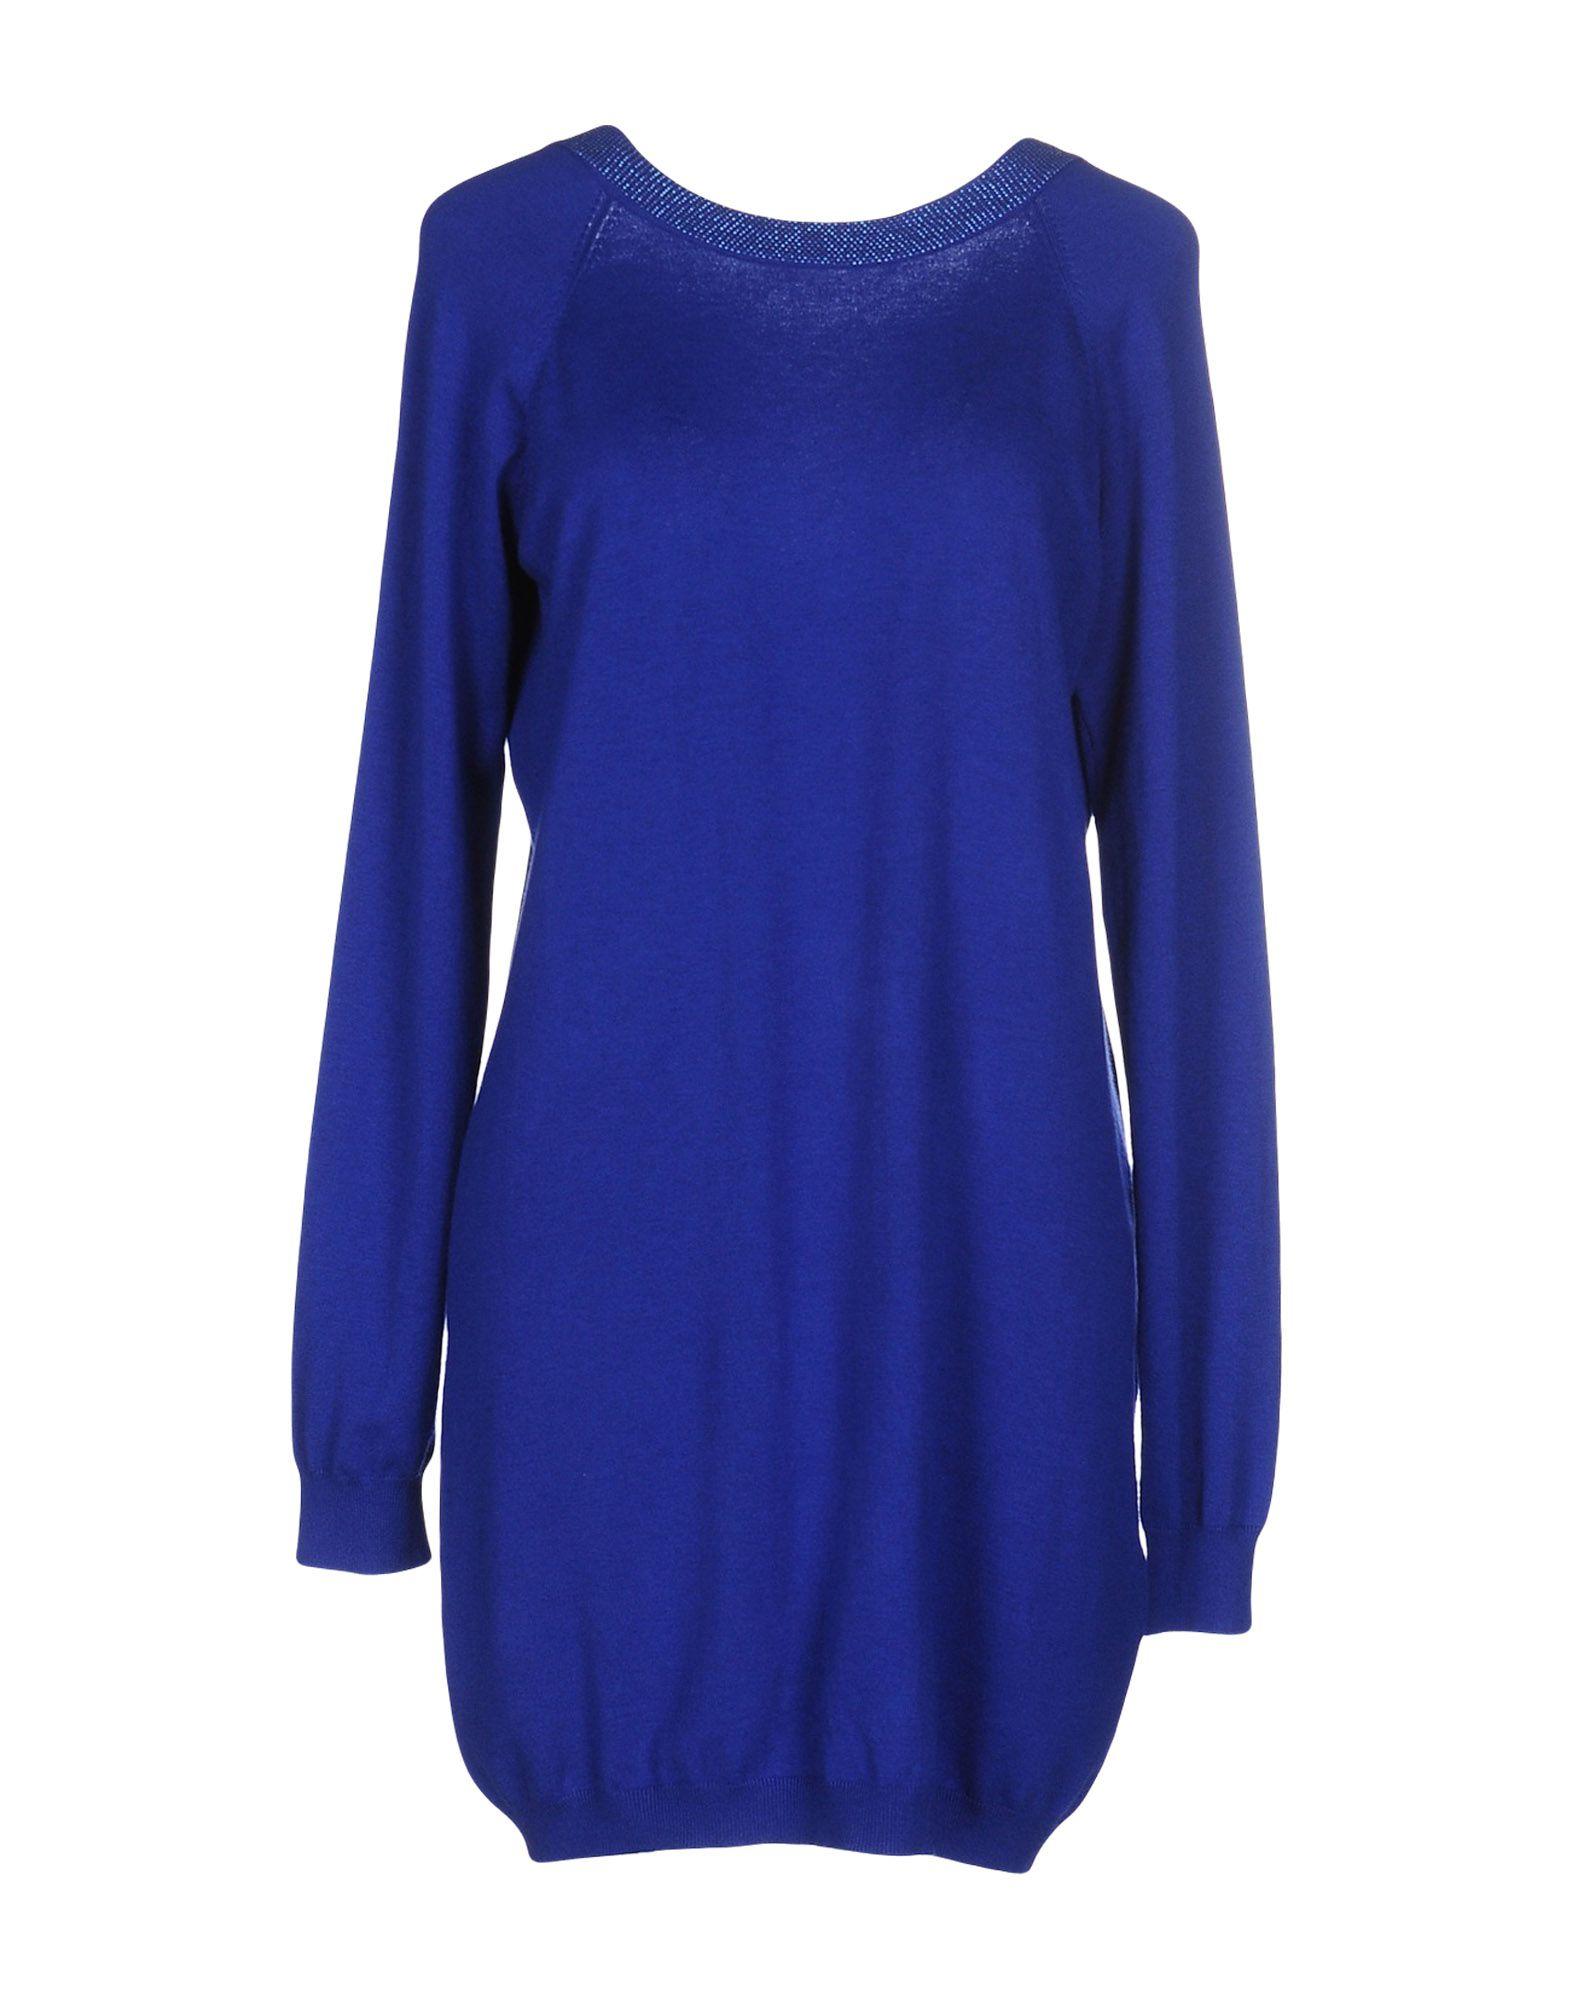 LIU JO Sweaters - Item 39649974